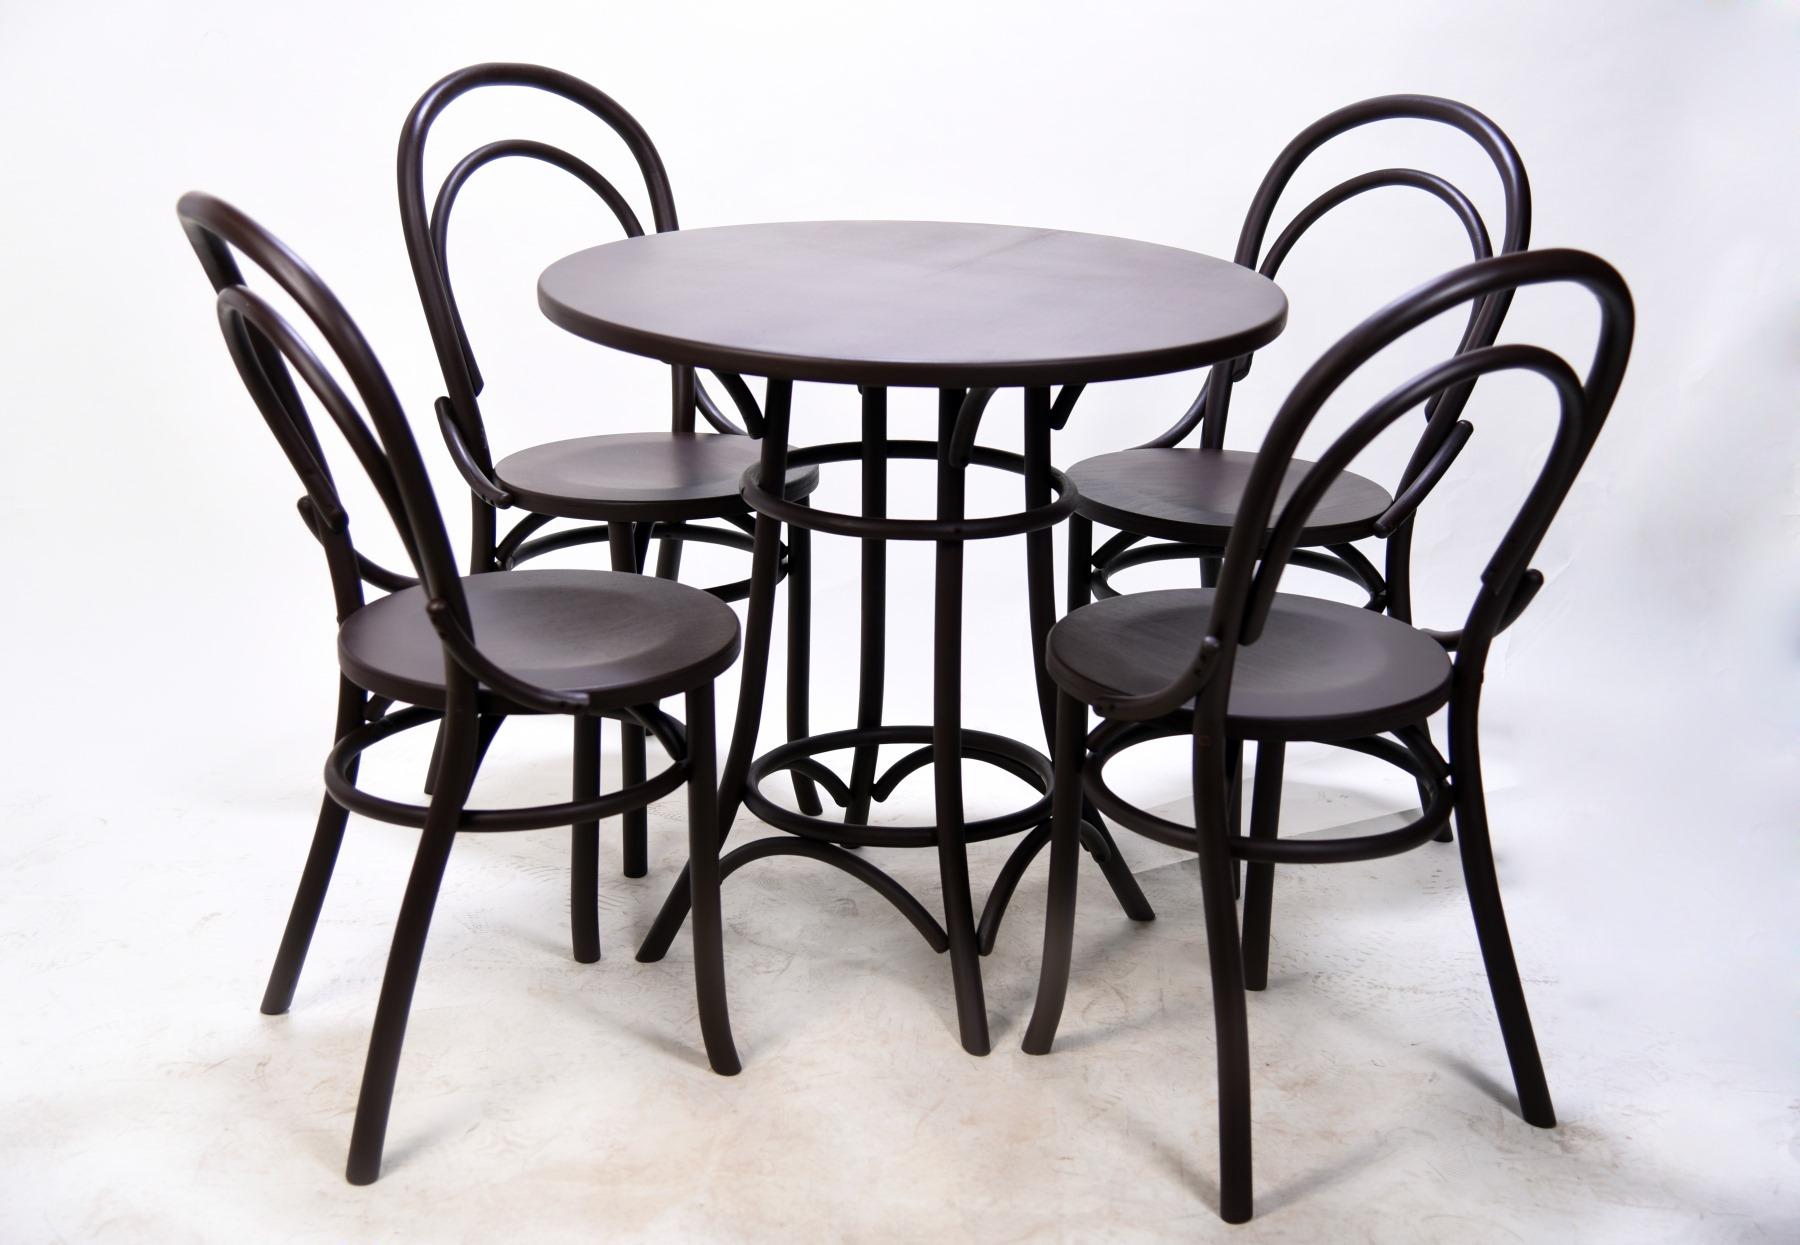 4 венских стула из дерева и венский деревянный стол от производителя